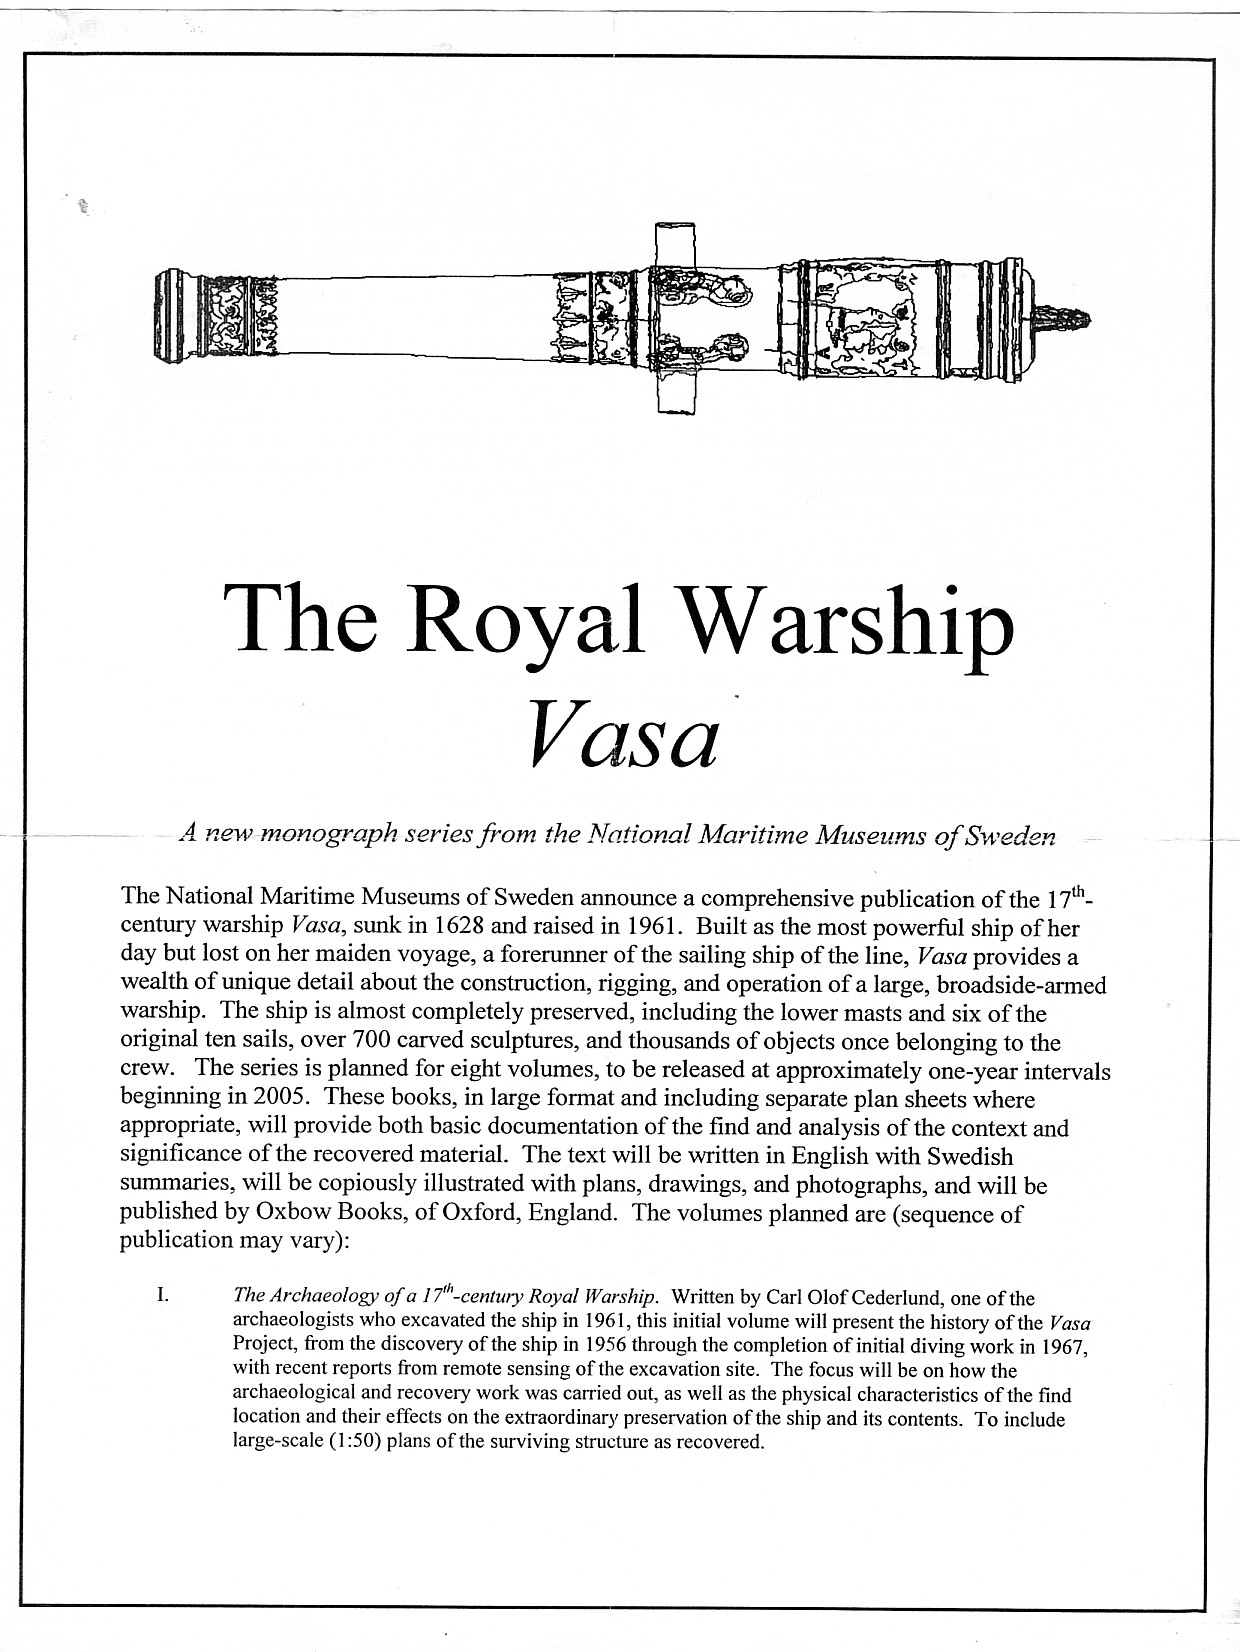 Vasa books upcoming announcement1.jpg